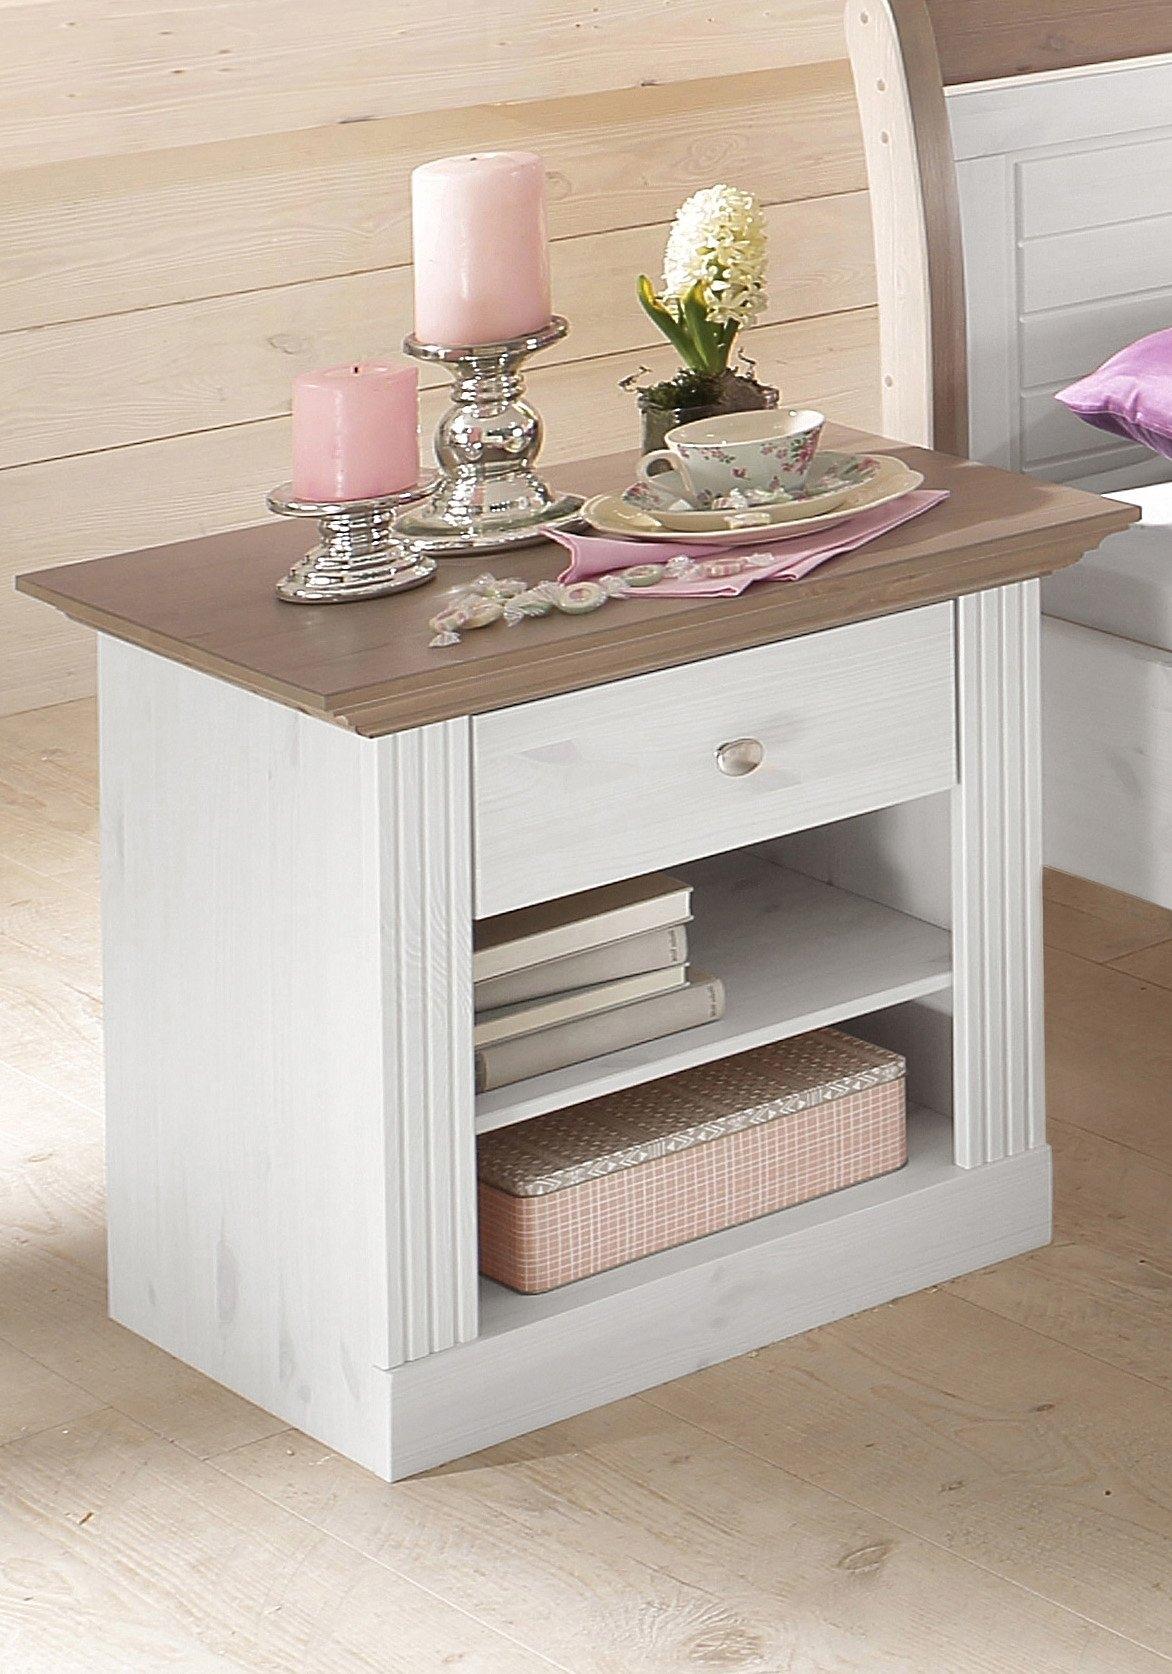 home affaire nachtkastje skanderborg breedte 56 cm. Black Bedroom Furniture Sets. Home Design Ideas